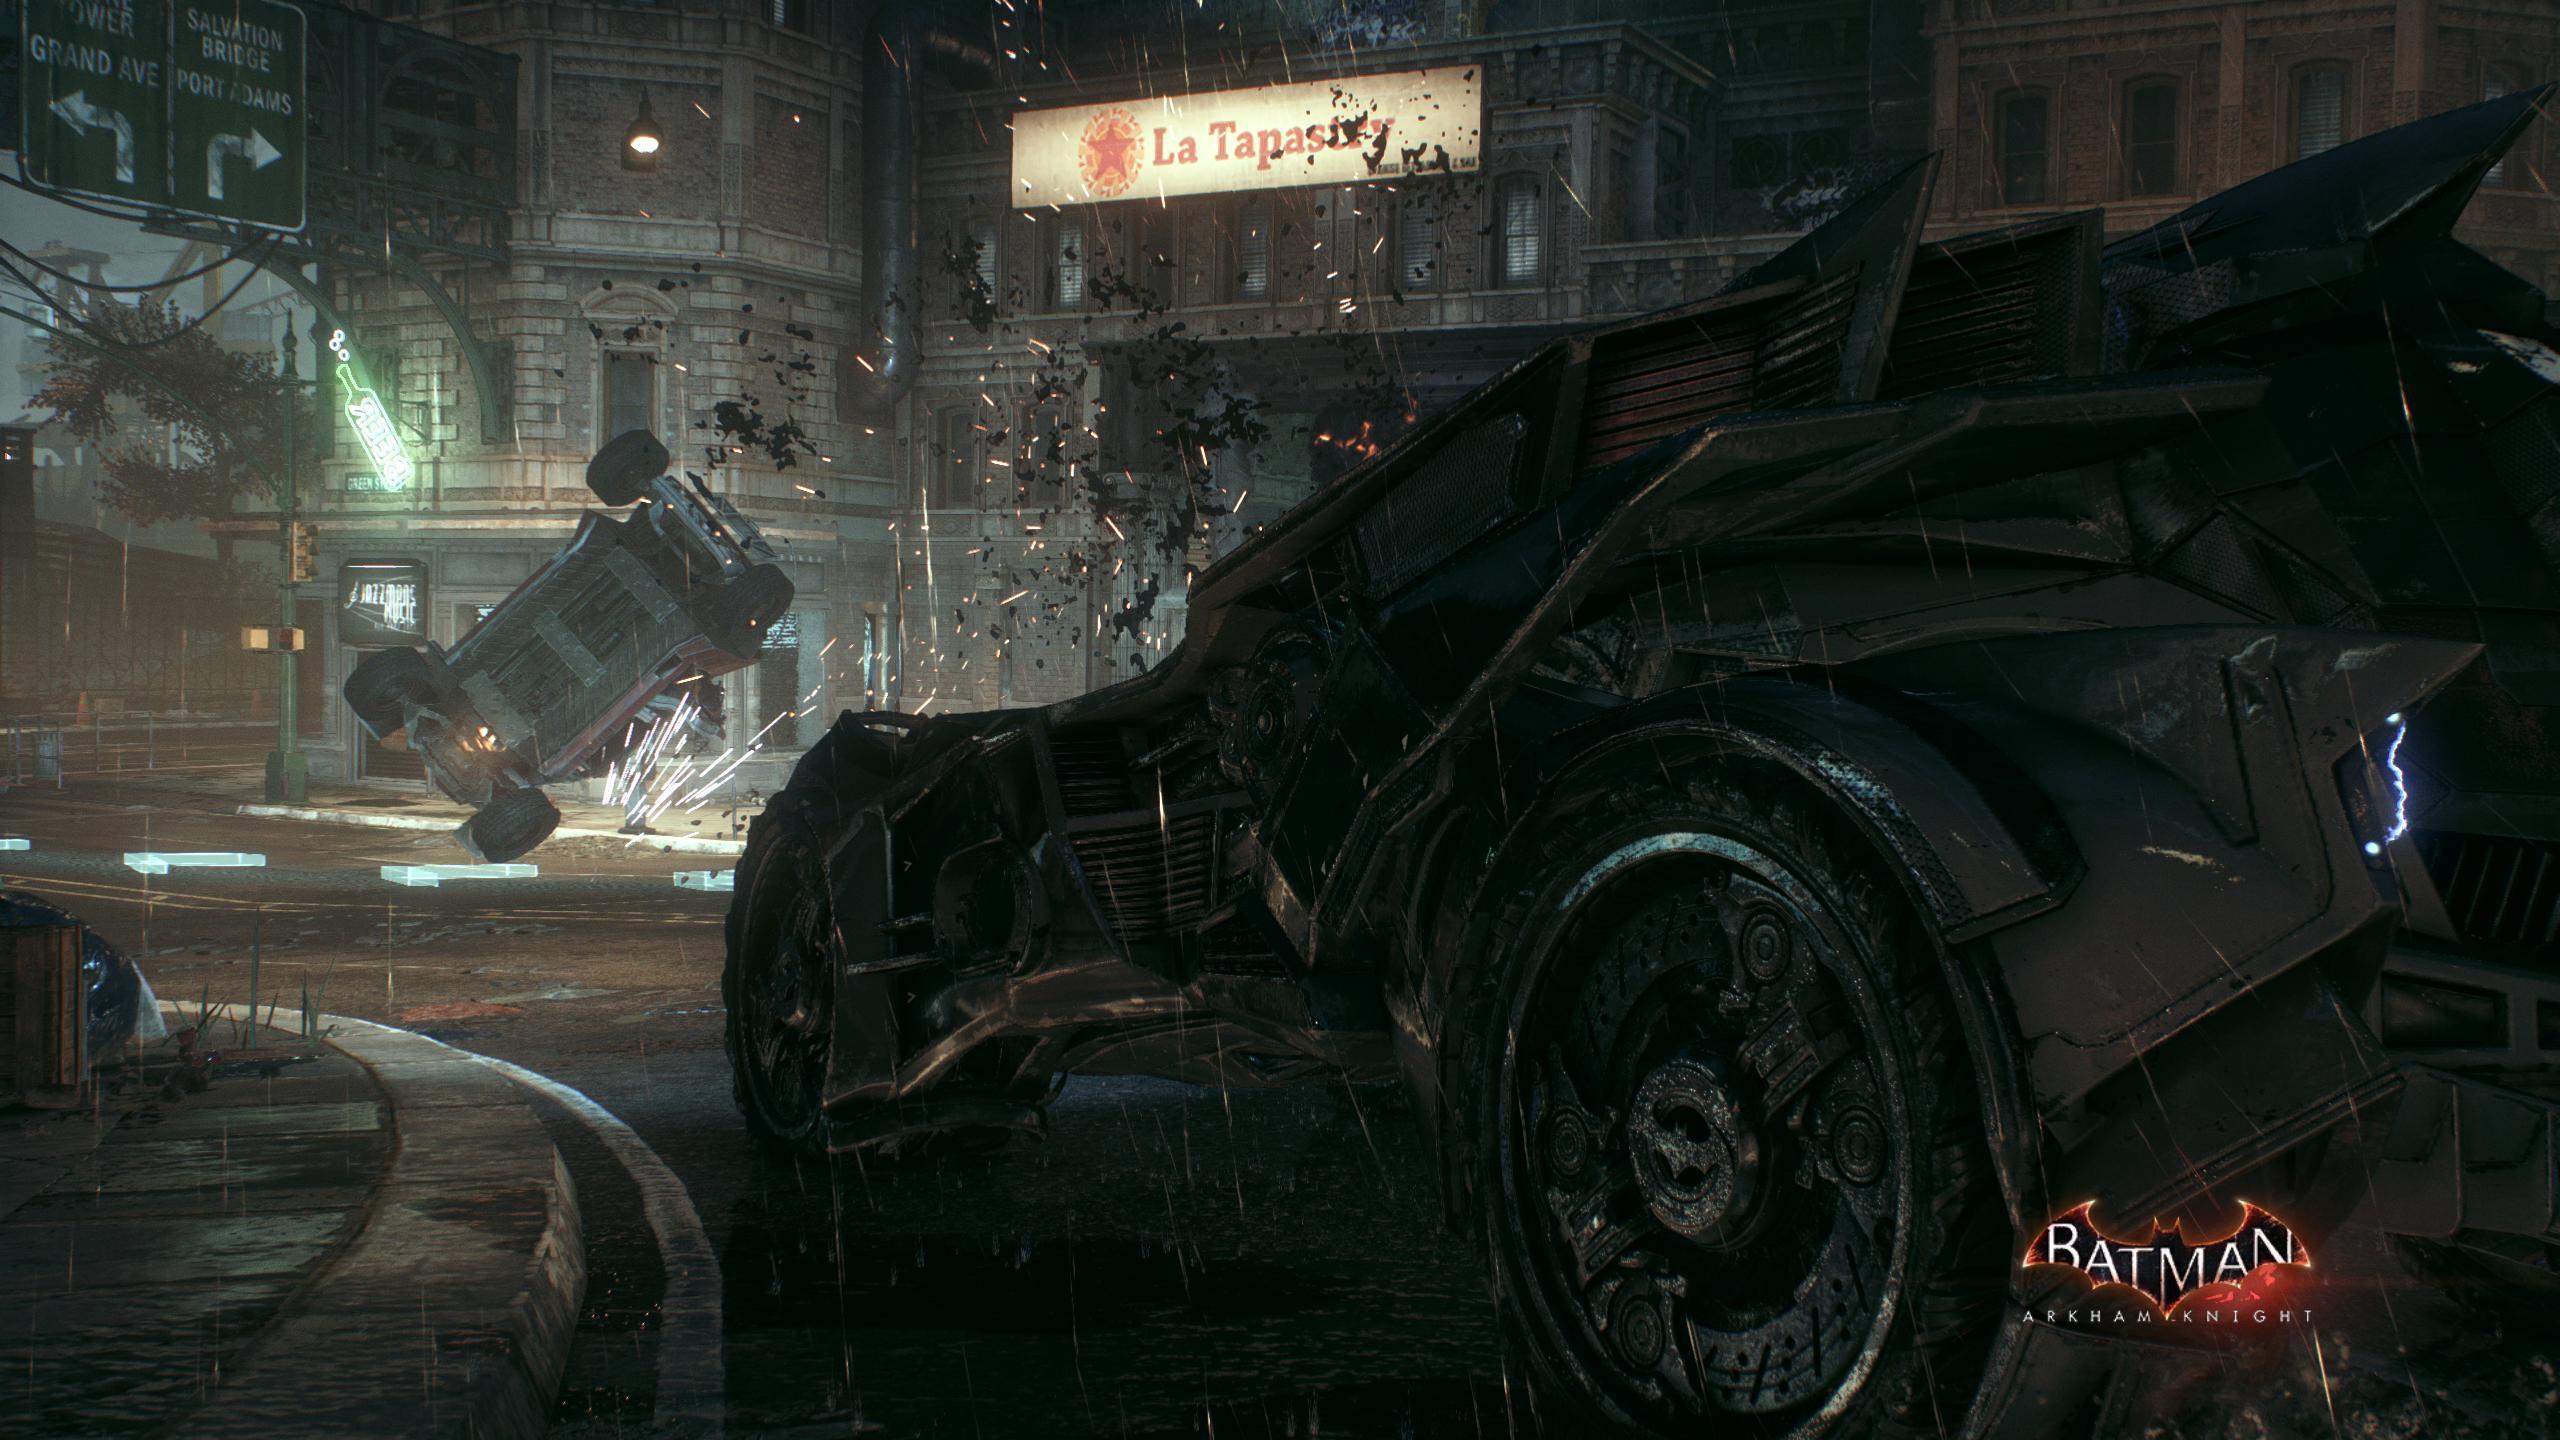 BatmanAK (12).jpg - Batman: Arkham Knight